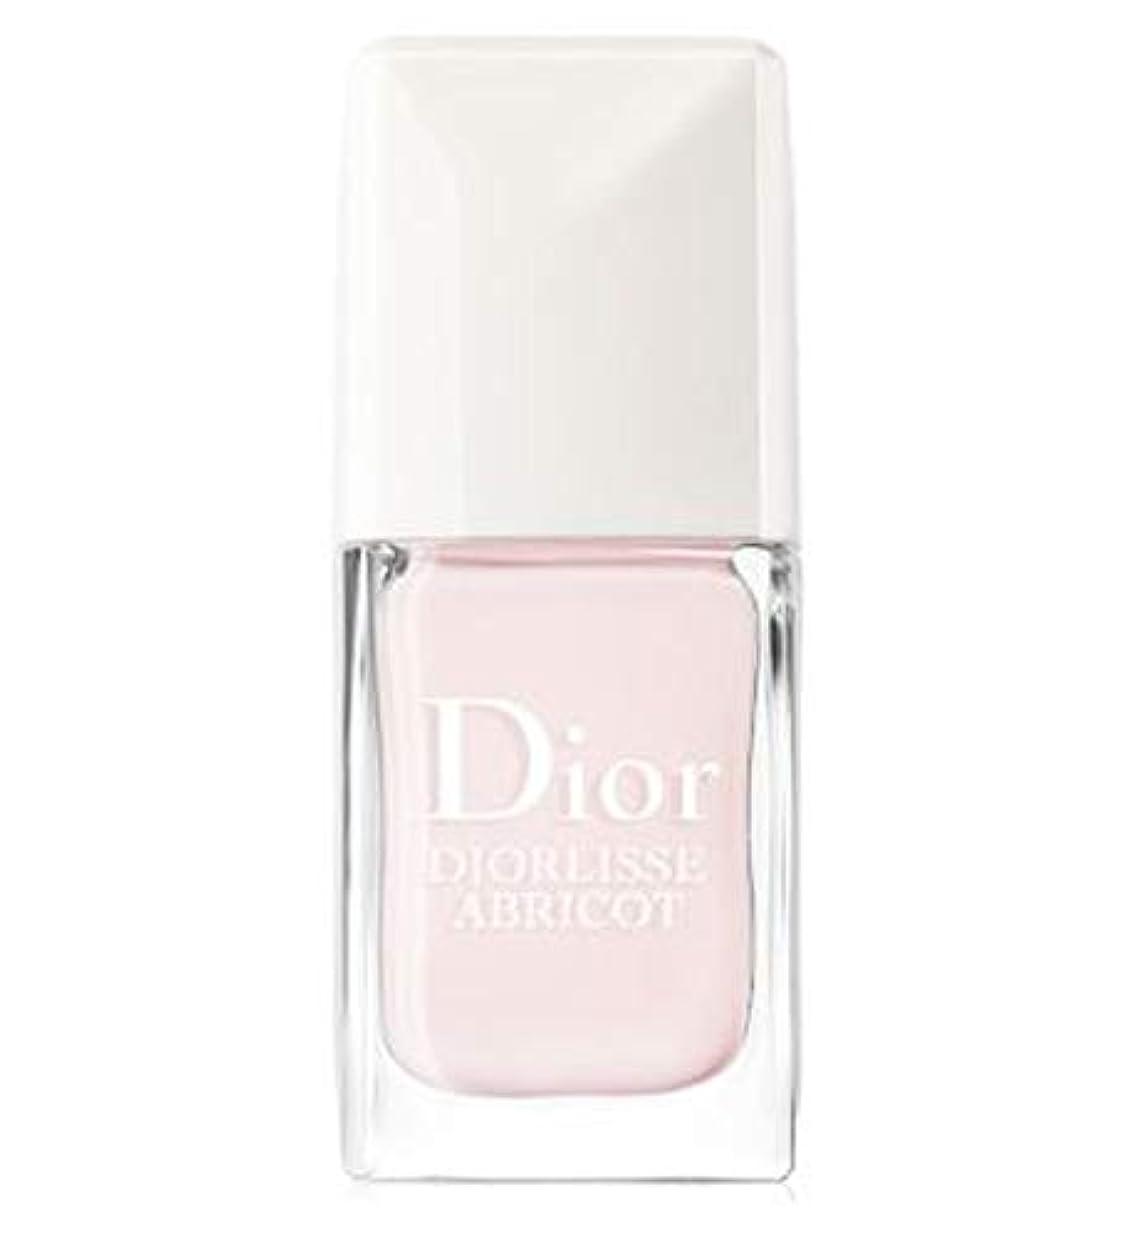 フィードオン航空社交的[Dior ] ピンクの花びらの10ミリリットルで完成ネイルケアを平滑化Abricot Diorlisse - Diorlisse Abricot Smoothing Perfecting Nail Care In Pink...